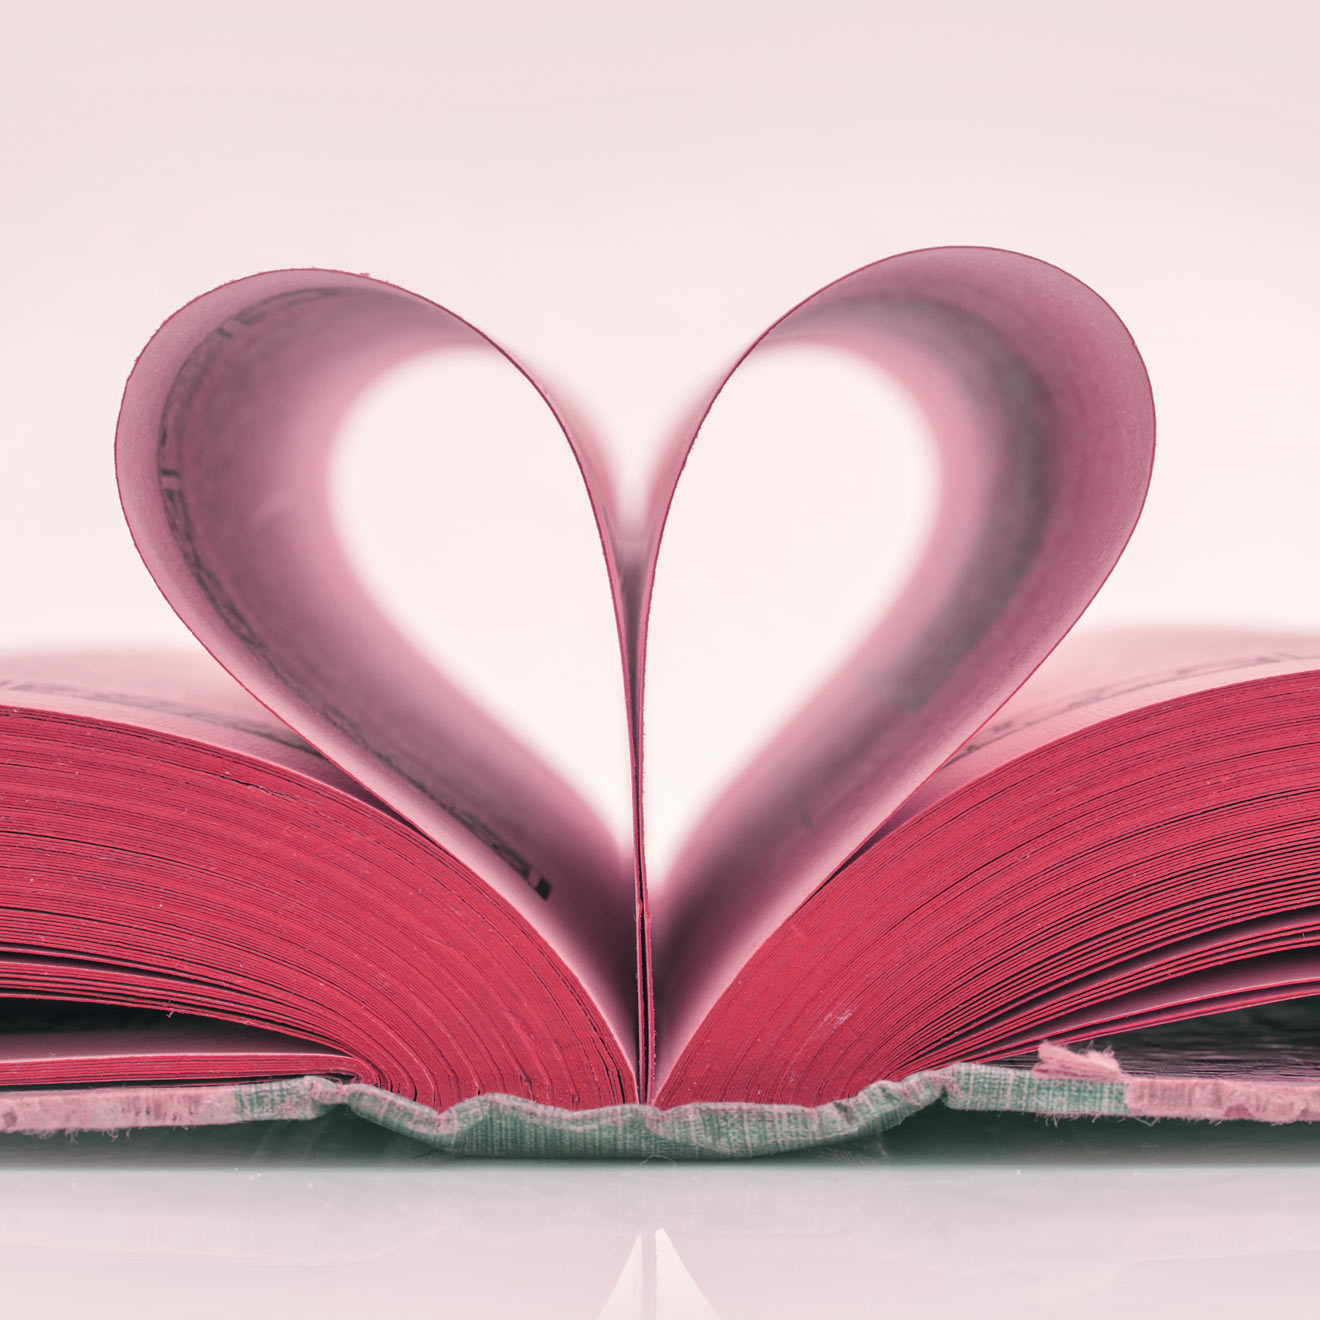 Wunderschöne Liebesgedichte  Bravo verwandt mit Schöne Liebes Bilder